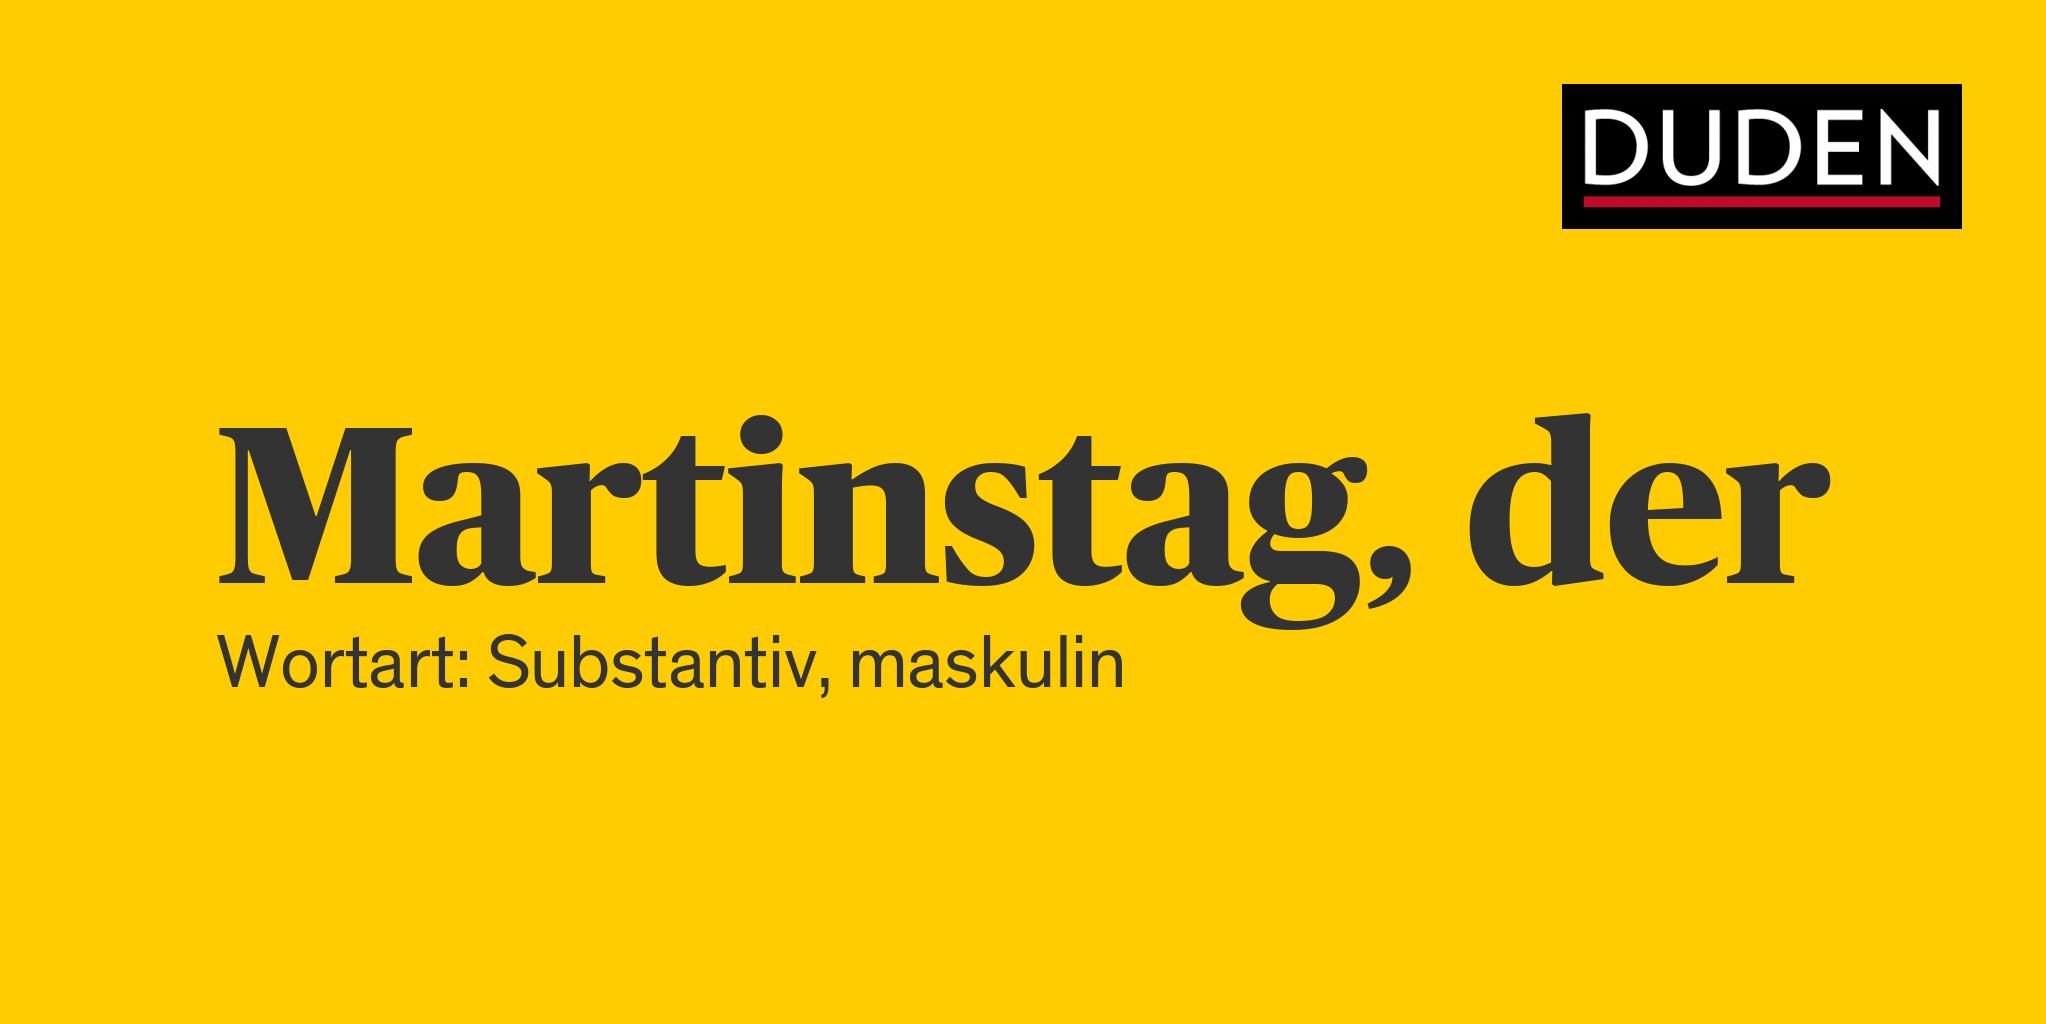 Duden Martinstag Rechtschreibung Bedeutung Definition Herkunft